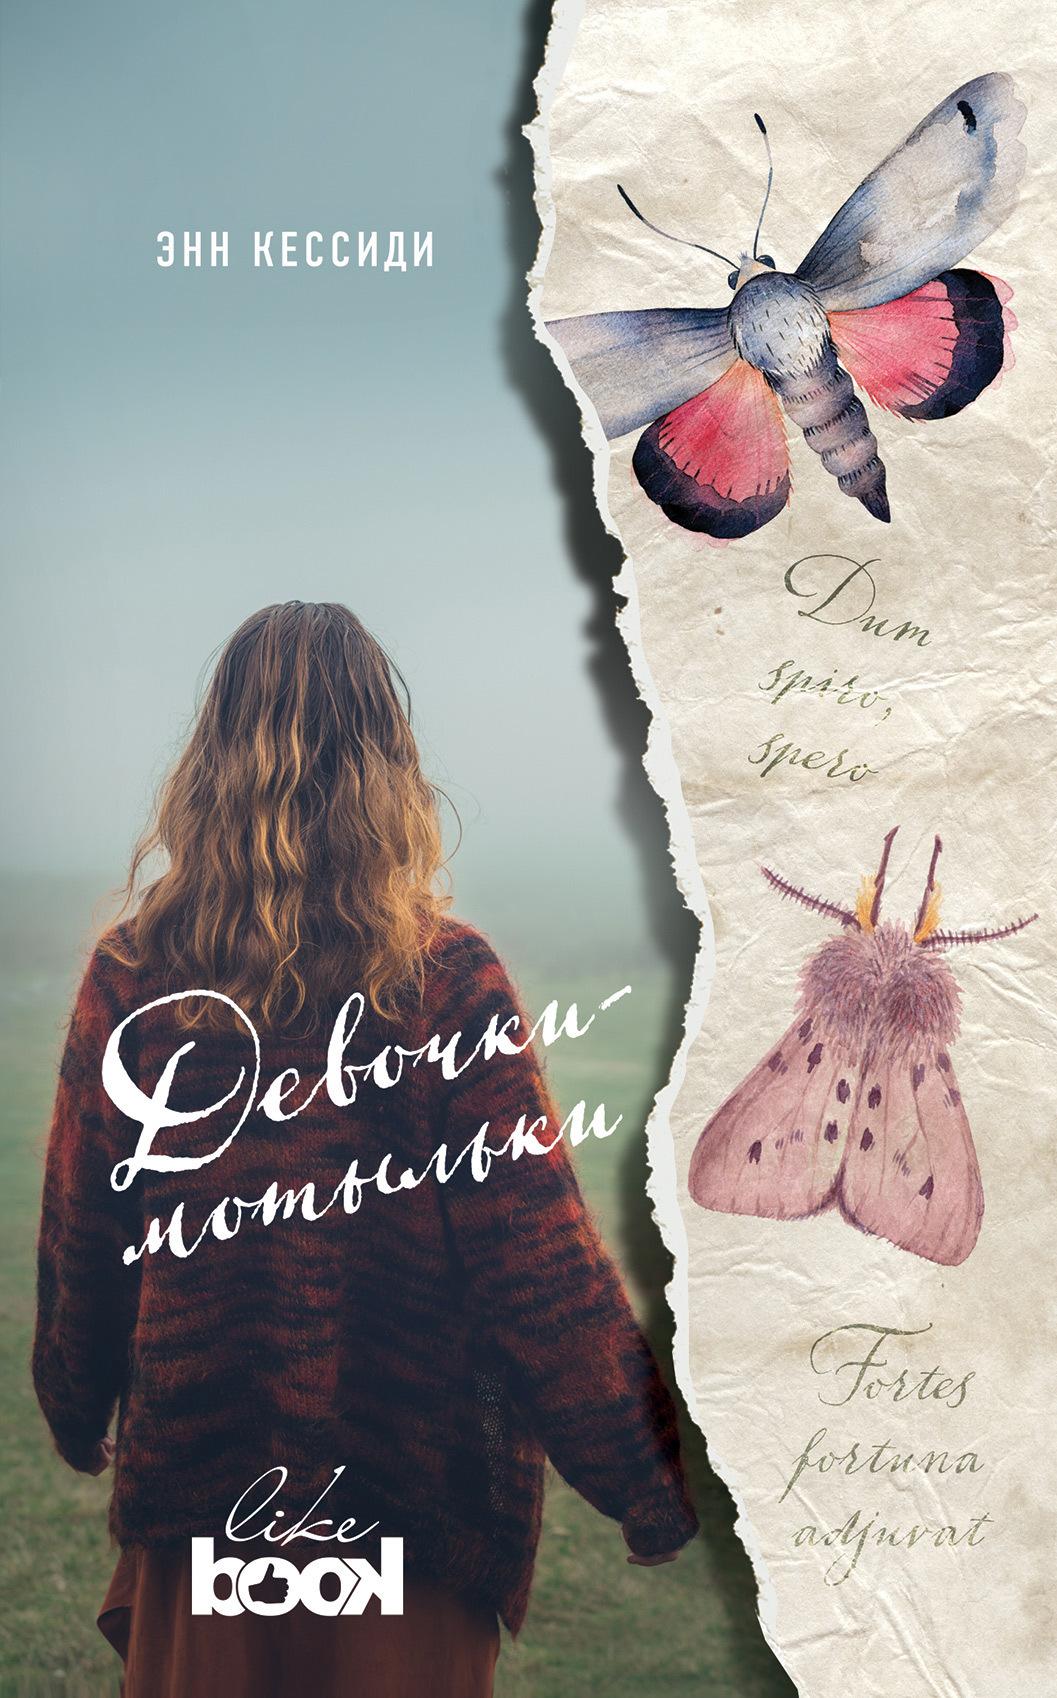 Книга Девочки-мотыльки